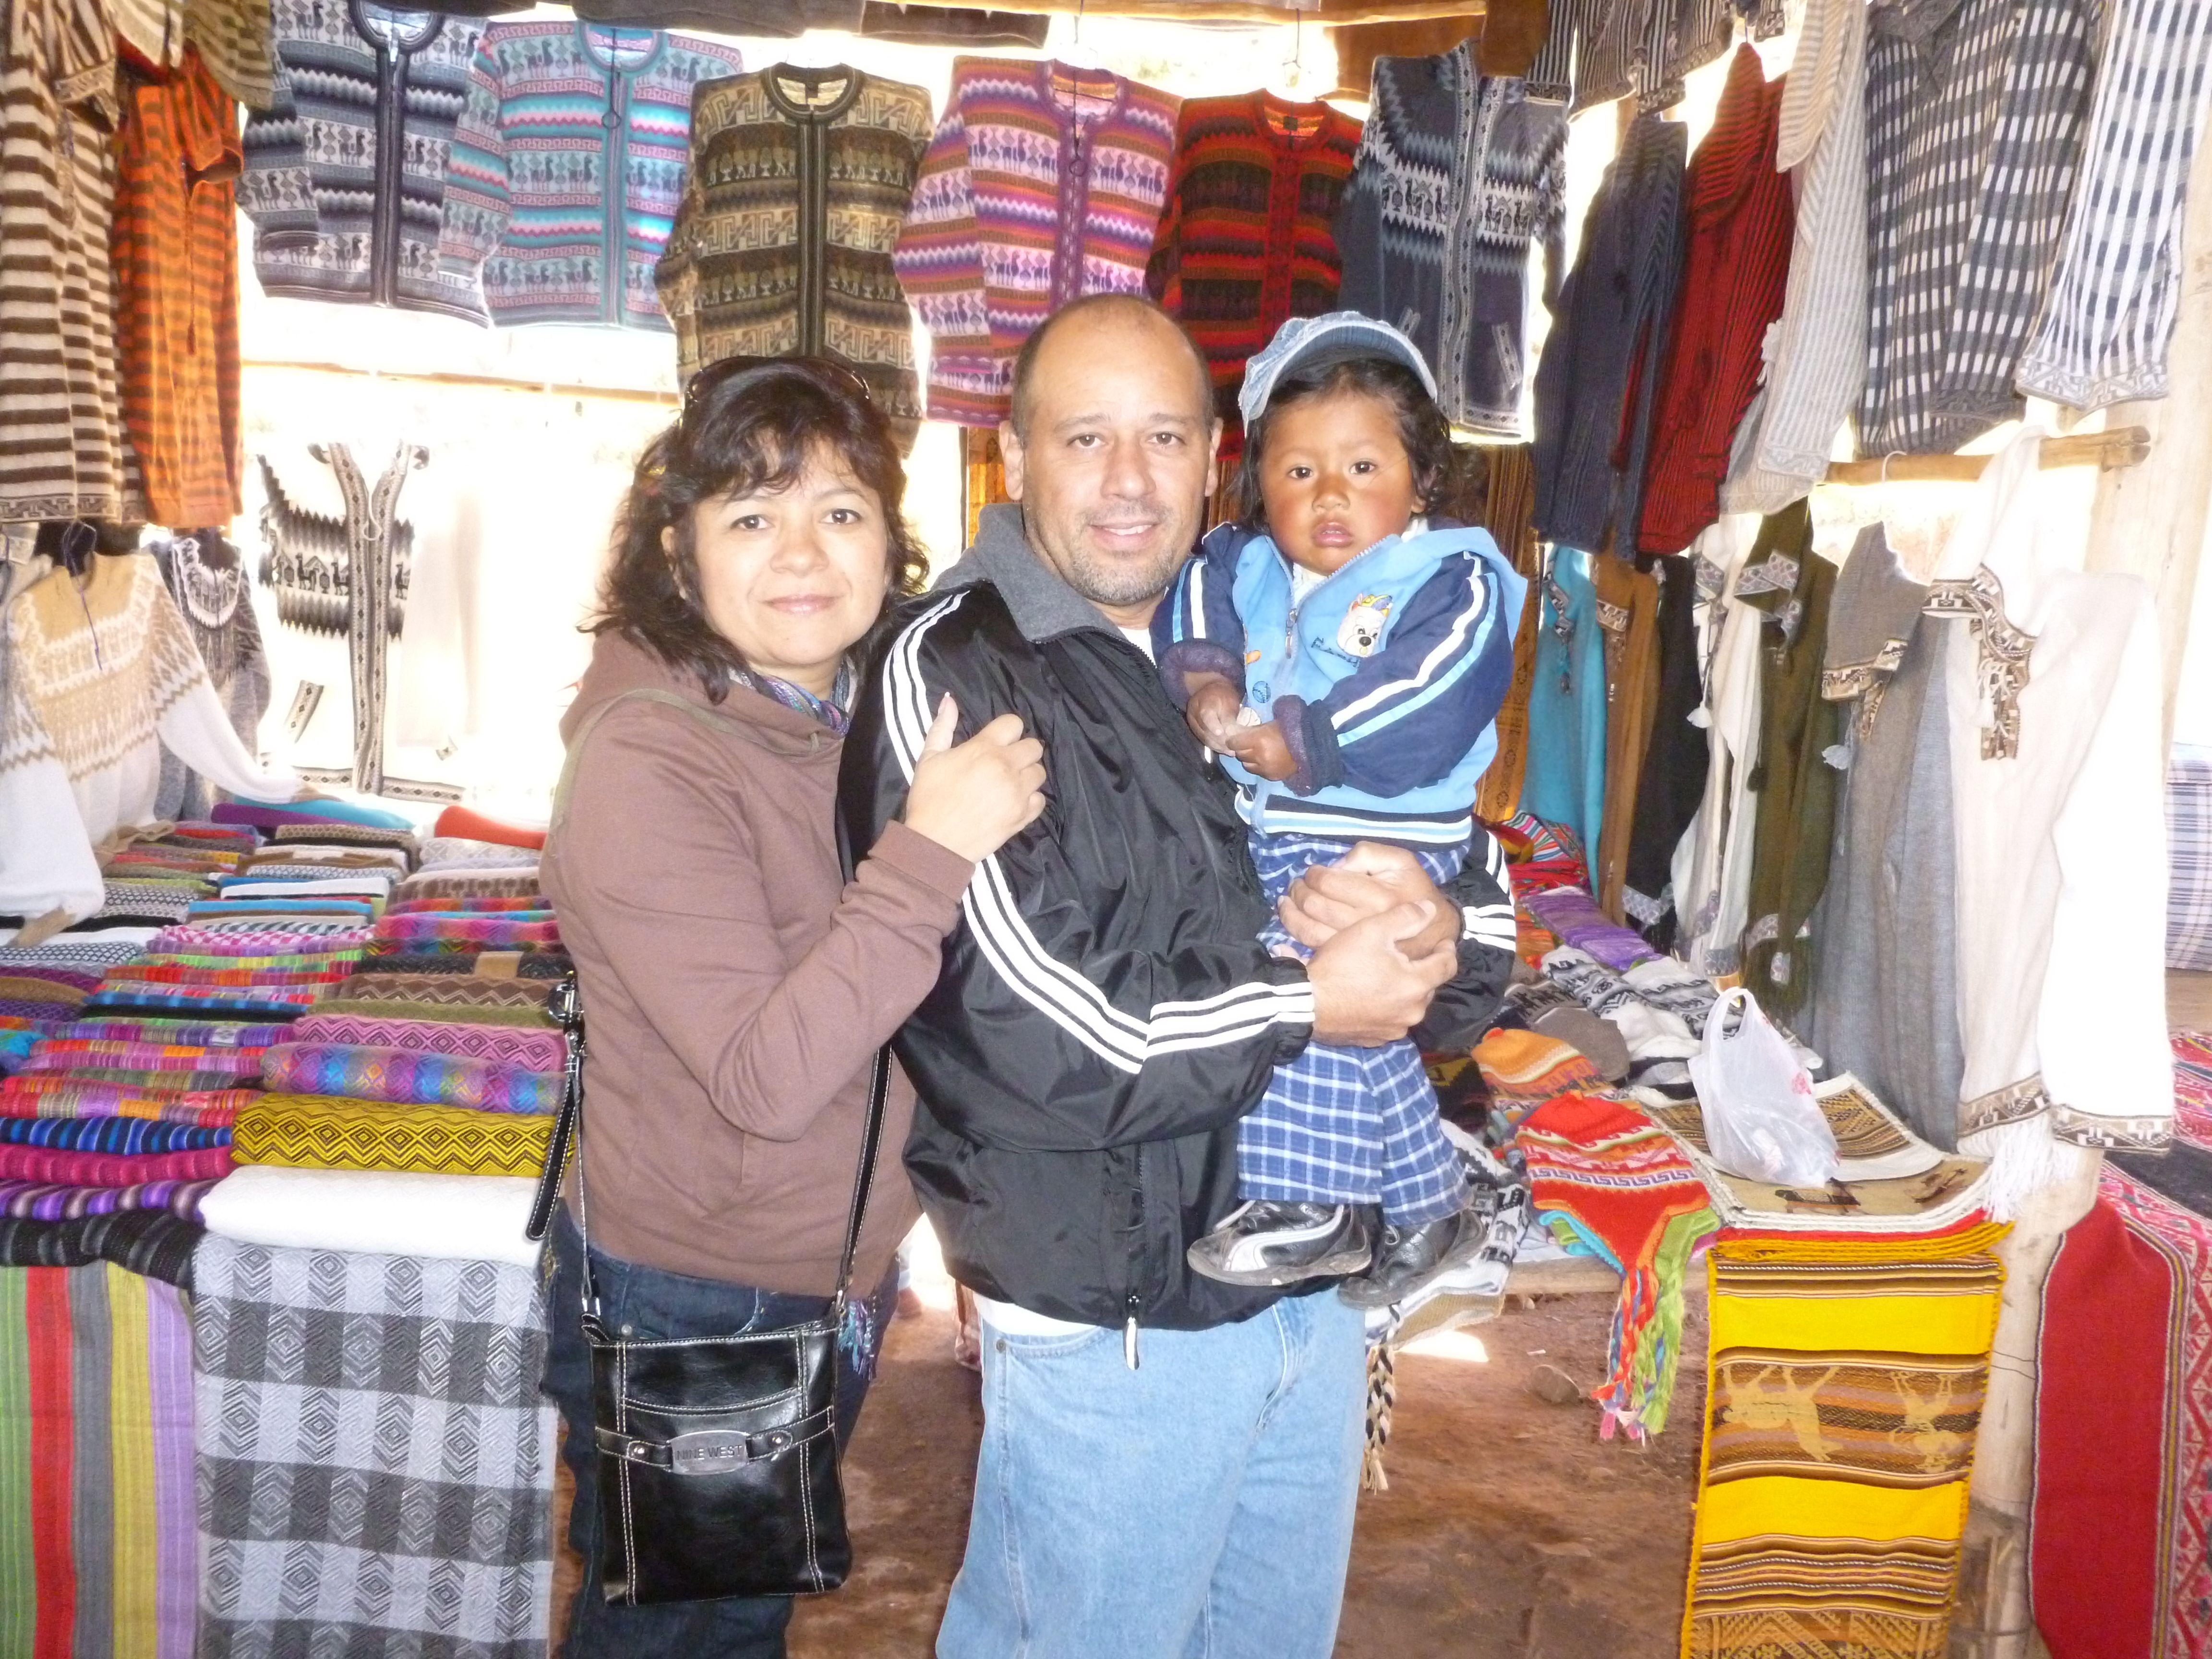 Market Place CuzcoPeru Cusco peru, Peru, Cusco